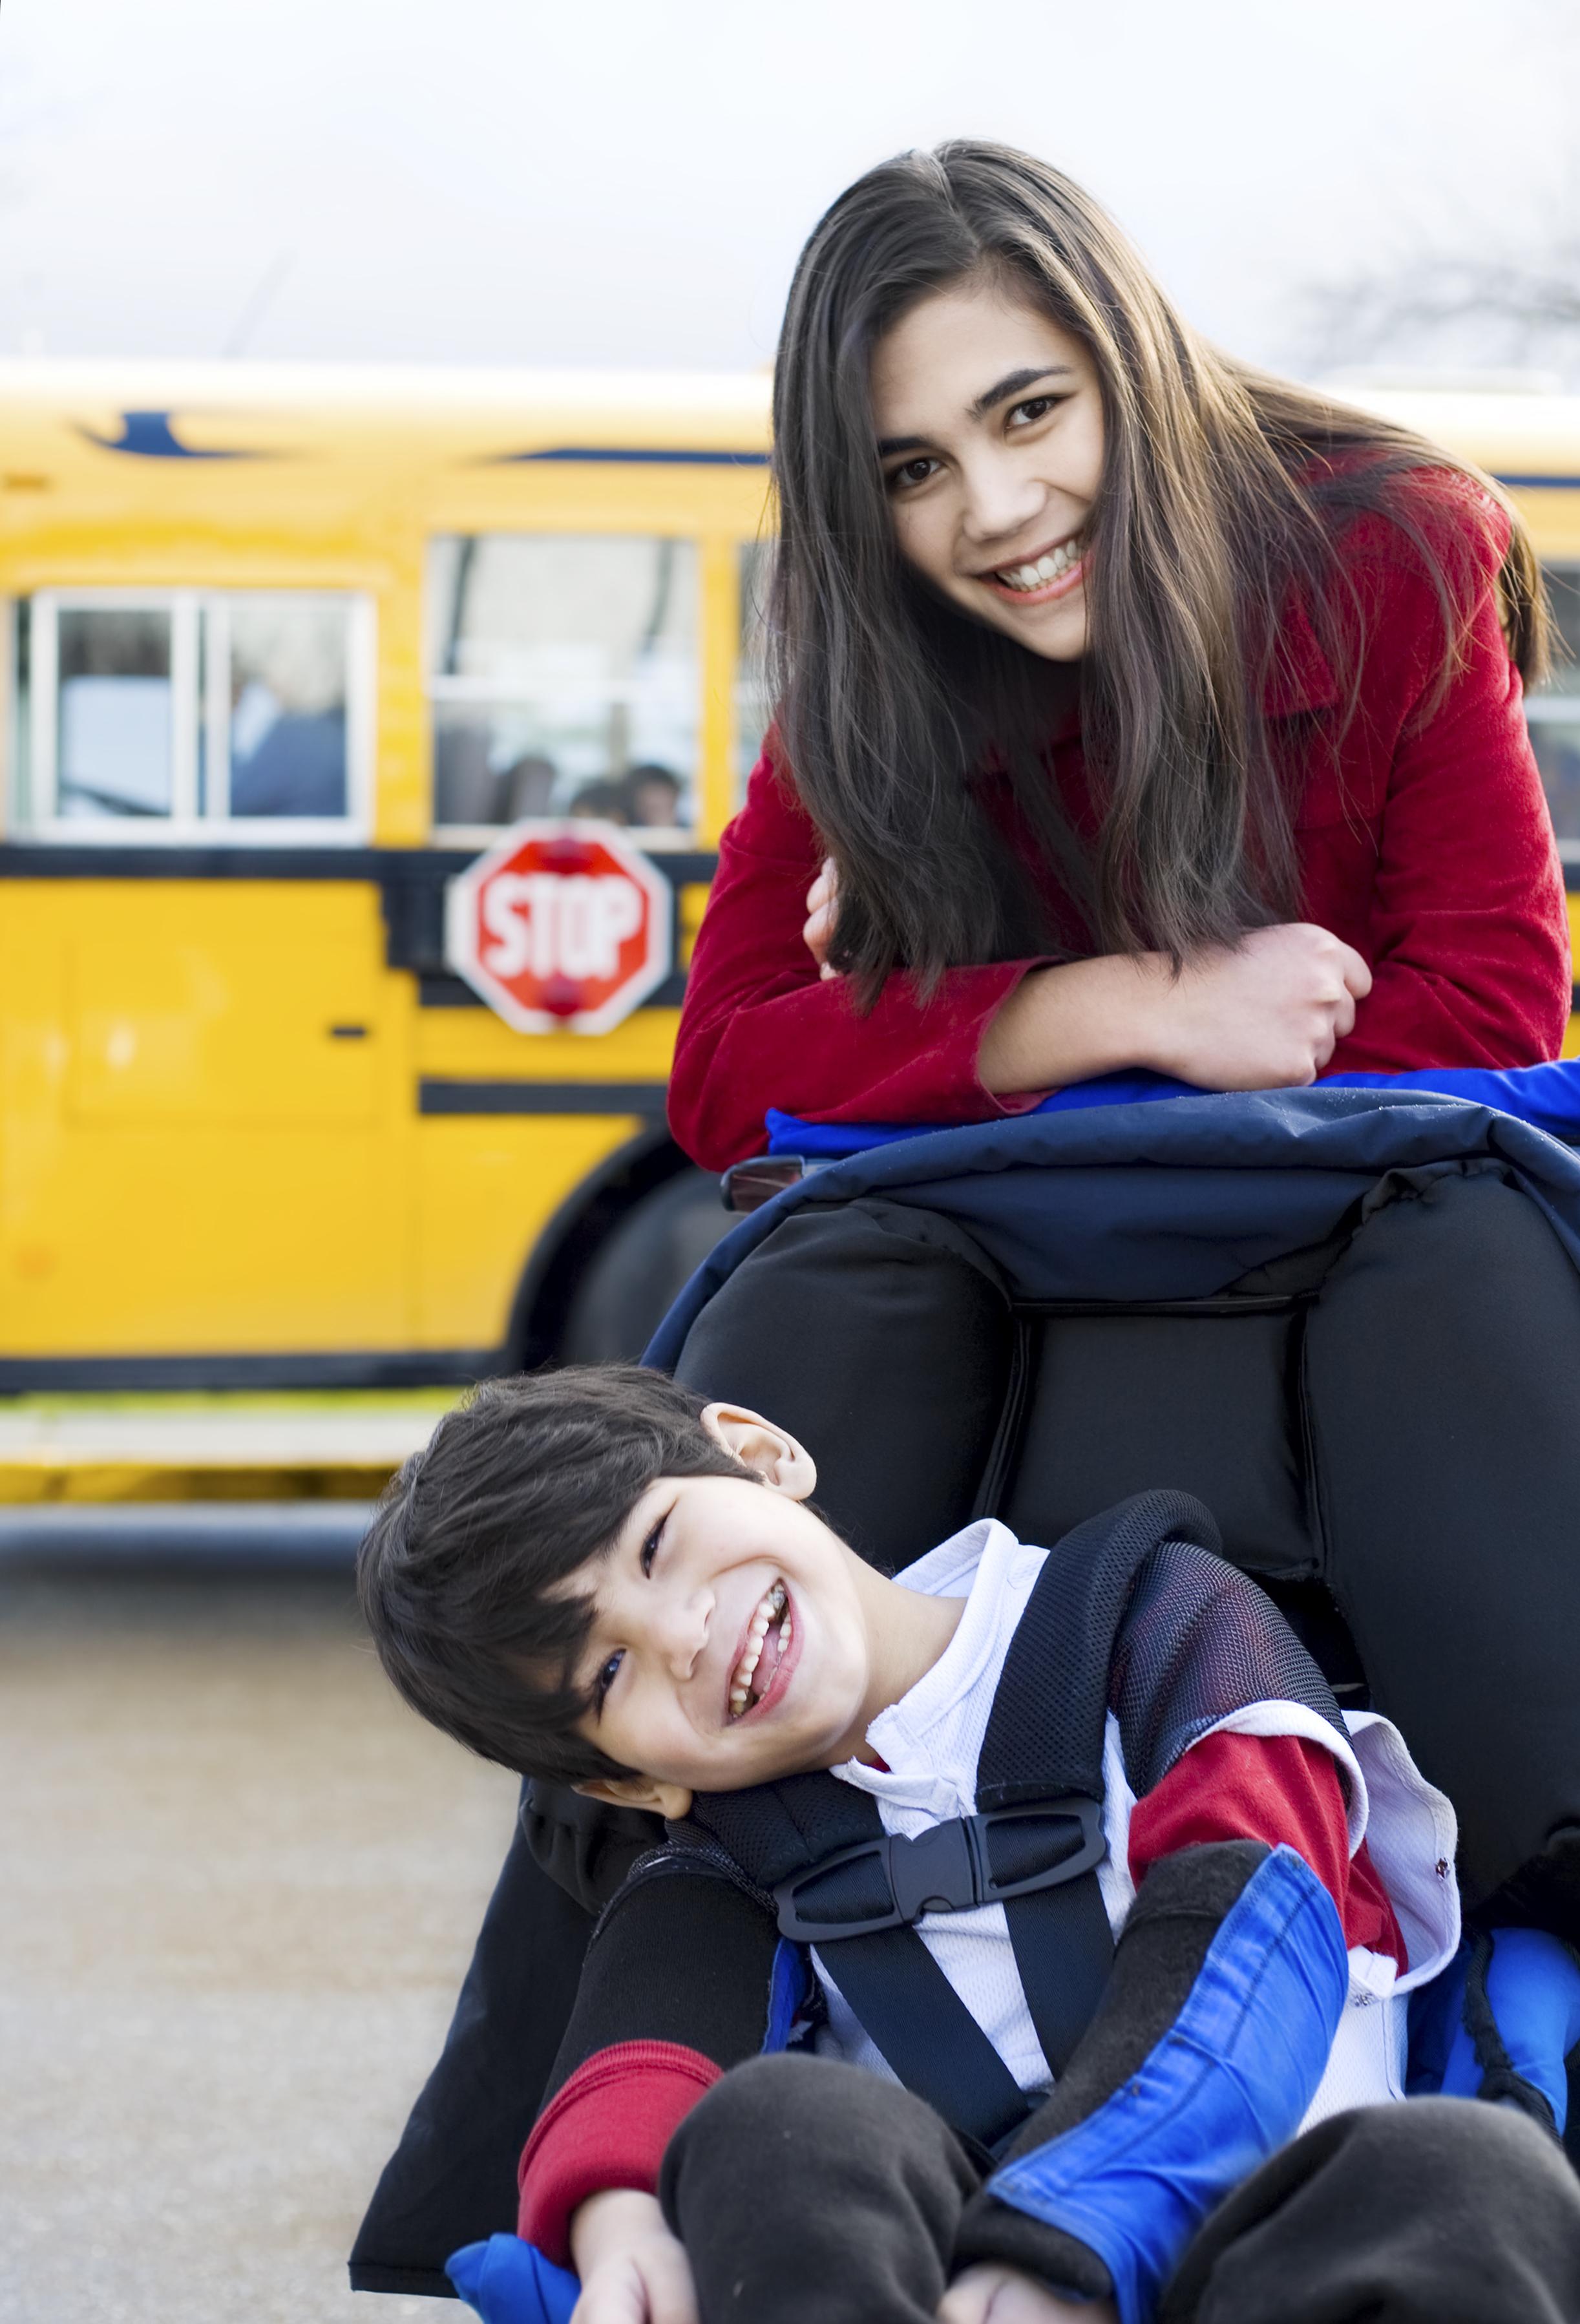 iStock_000019339095_School BusVert.jpg